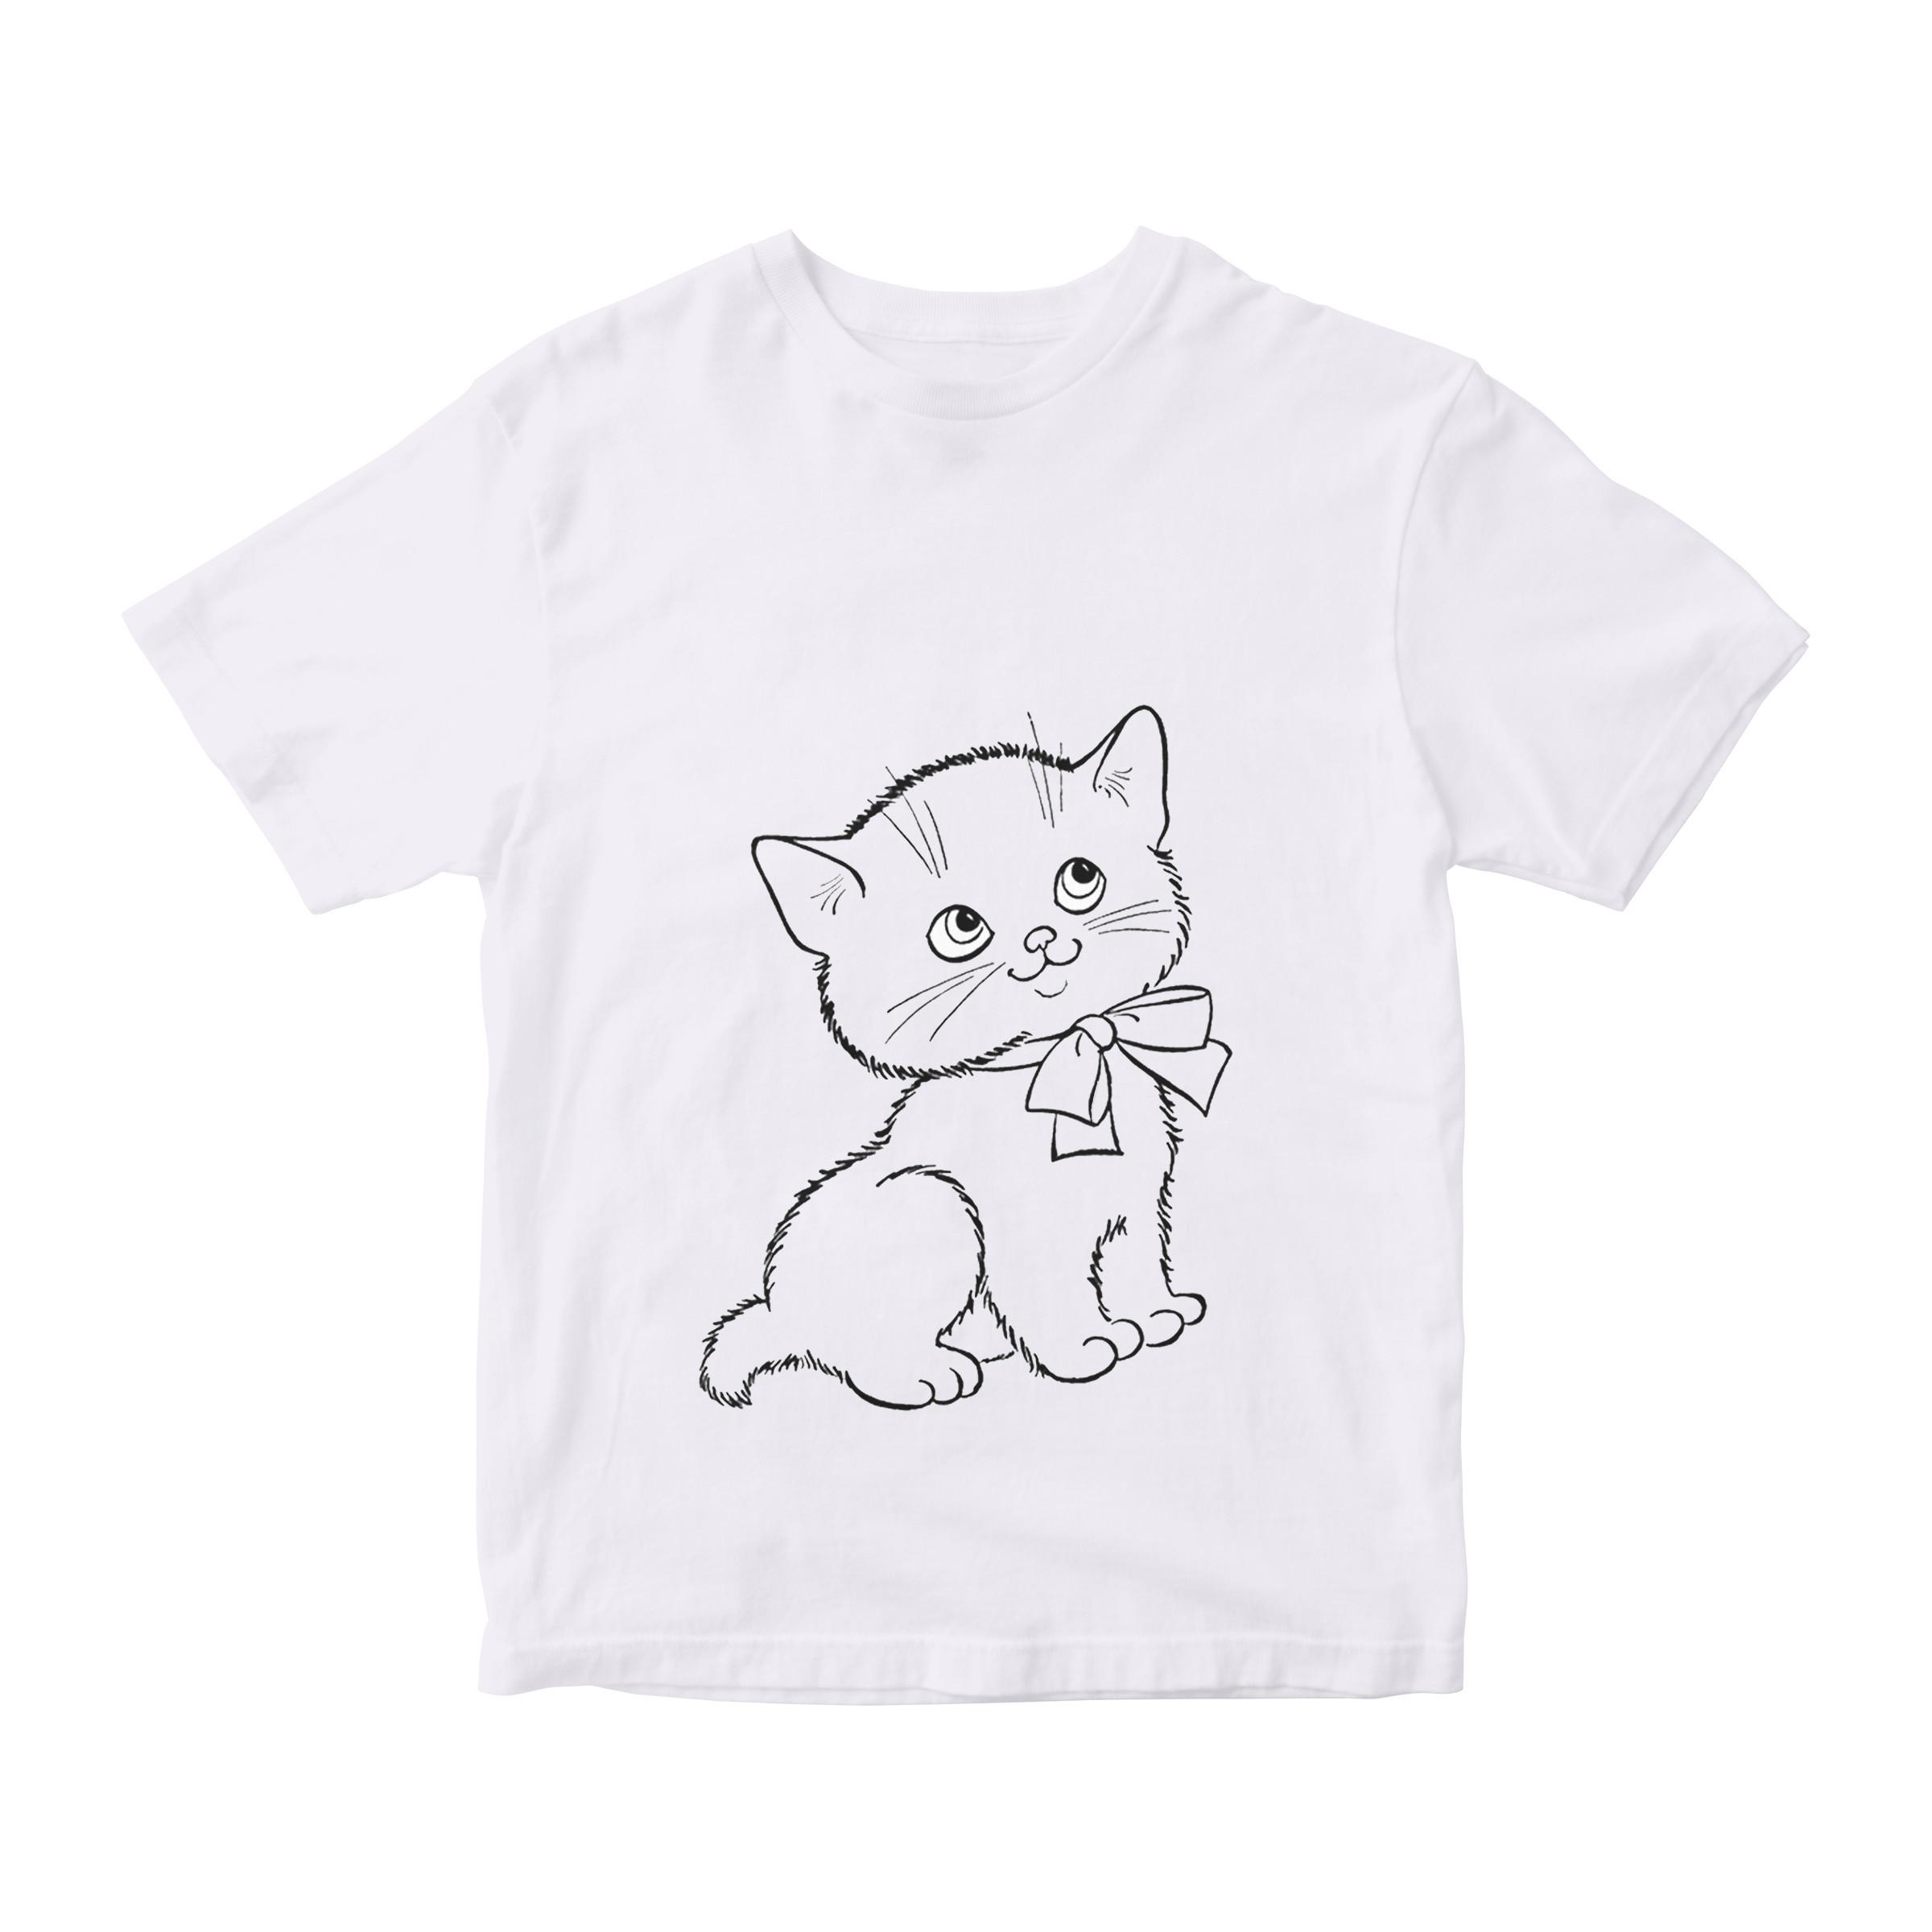 تی شرت بچگانه مدل ۰۰۳